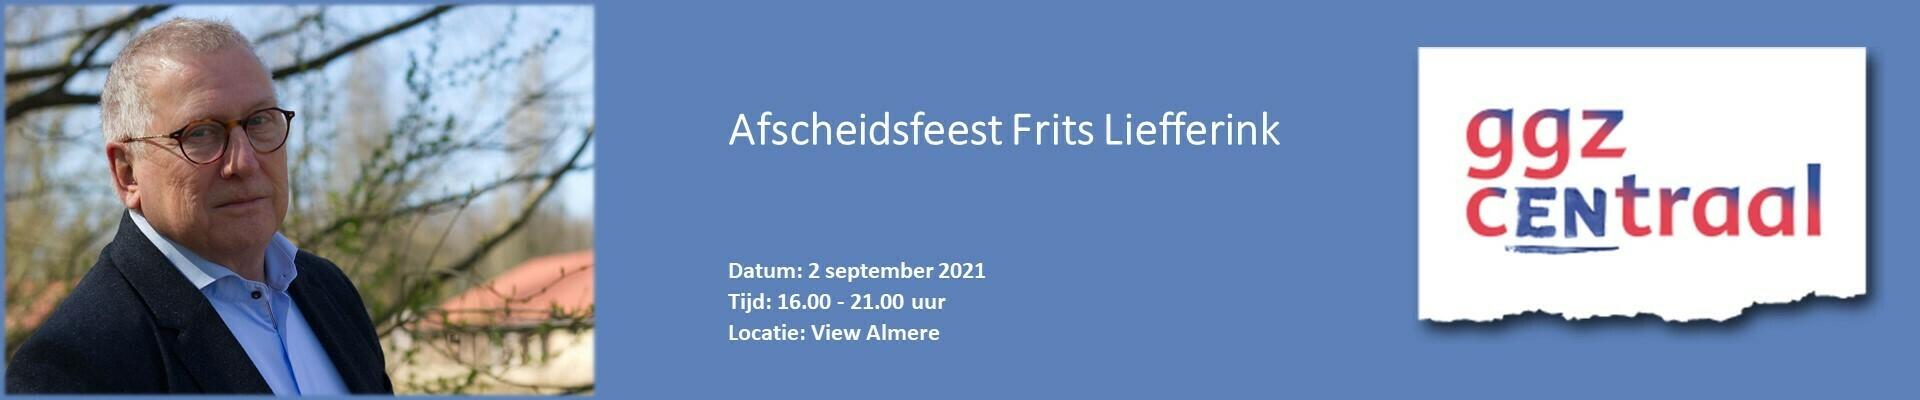 Afscheidsfeest Frits Liefferink